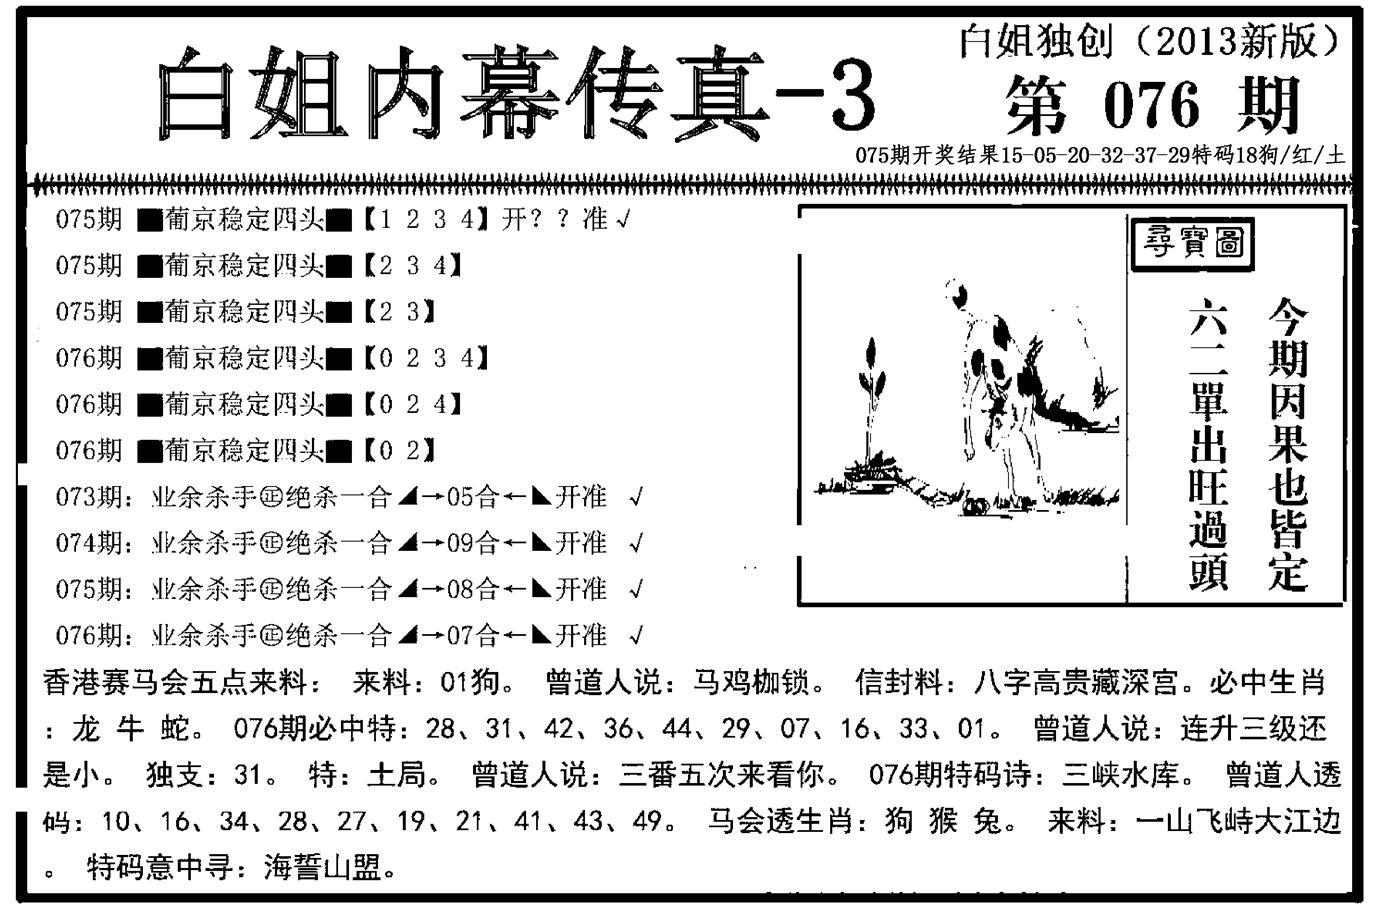 076期白姐内幕传真-3(黑白)